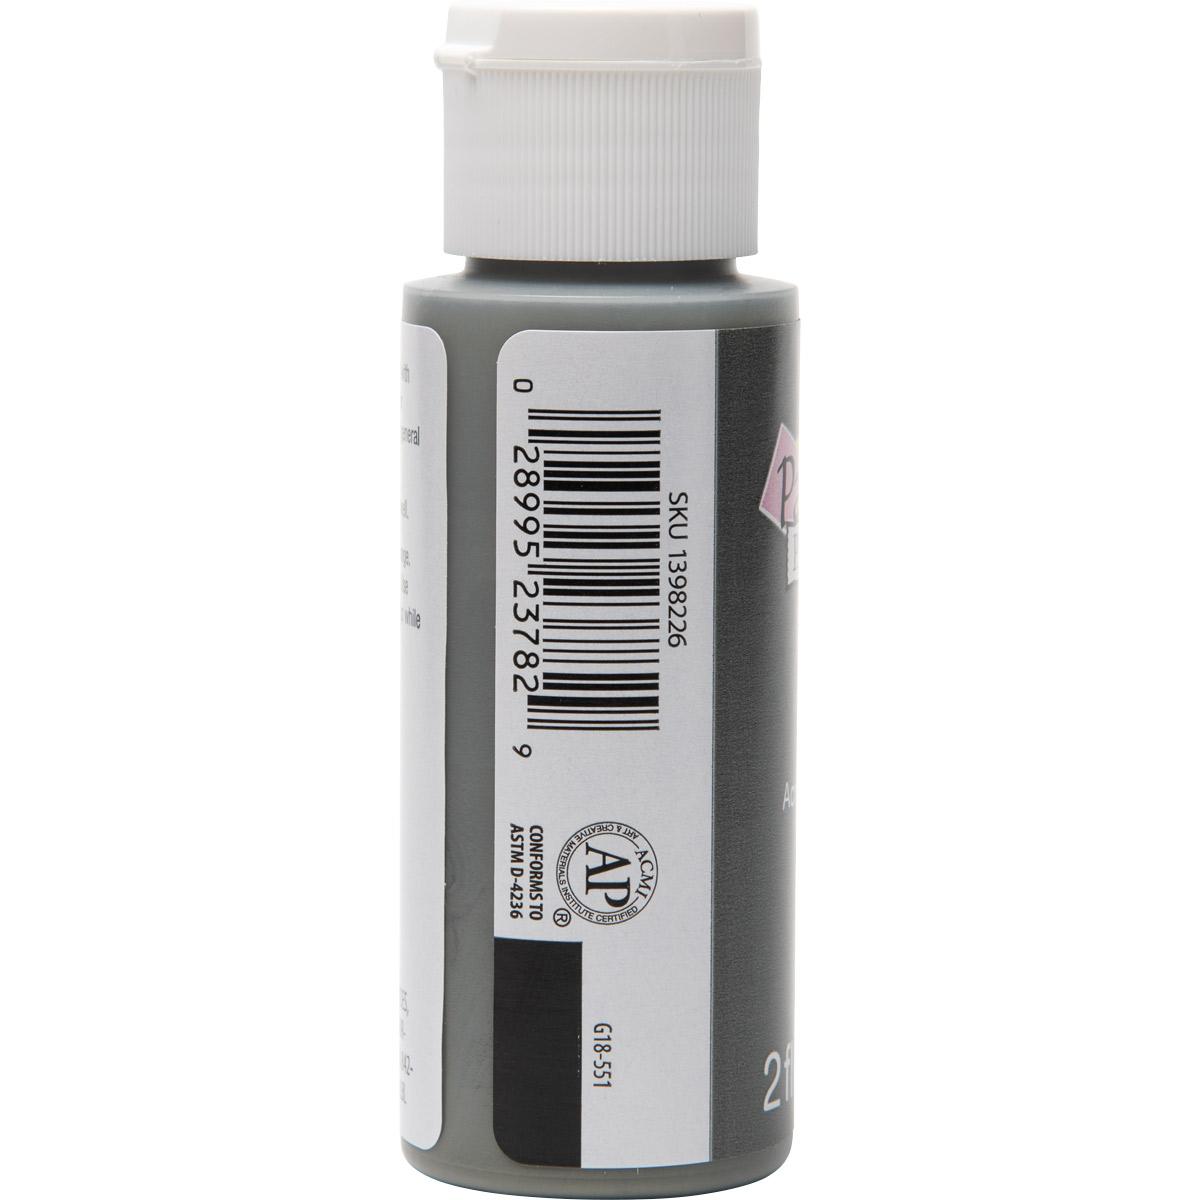 Plaid ® Painter's Palette™ Acrylic Paint - Gray, 2 oz. - 23782